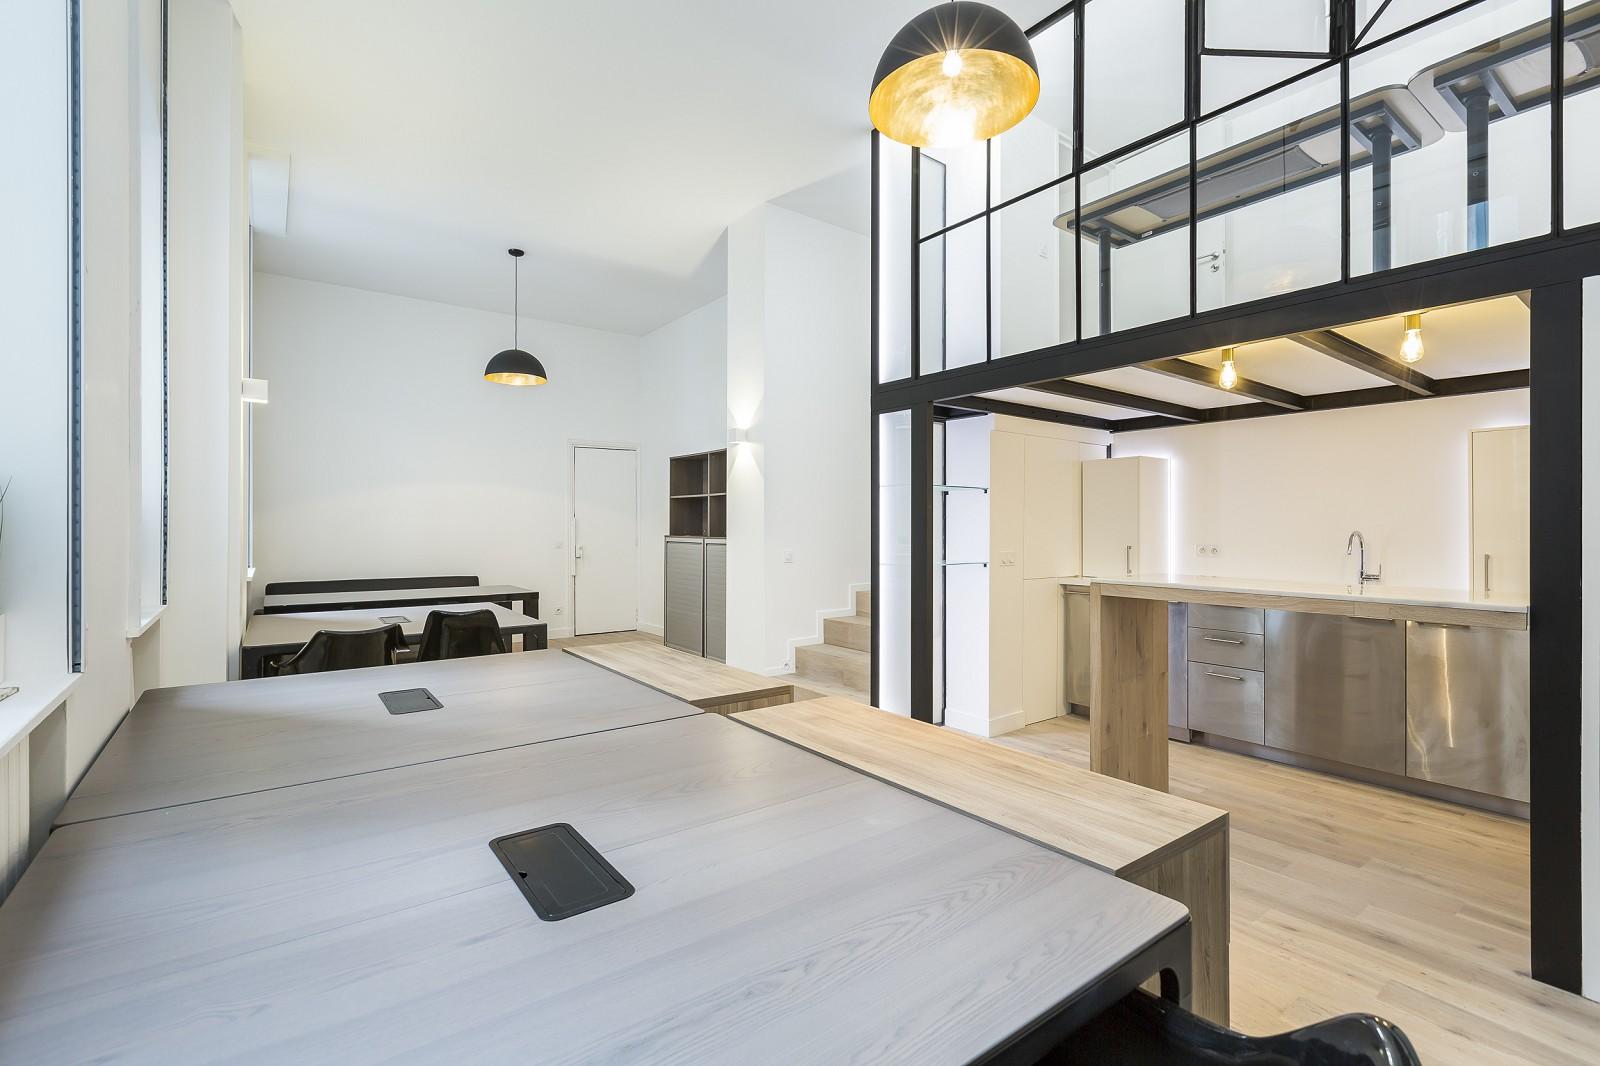 vente appartement g n ral catroux parc monceau paris 17. Black Bedroom Furniture Sets. Home Design Ideas